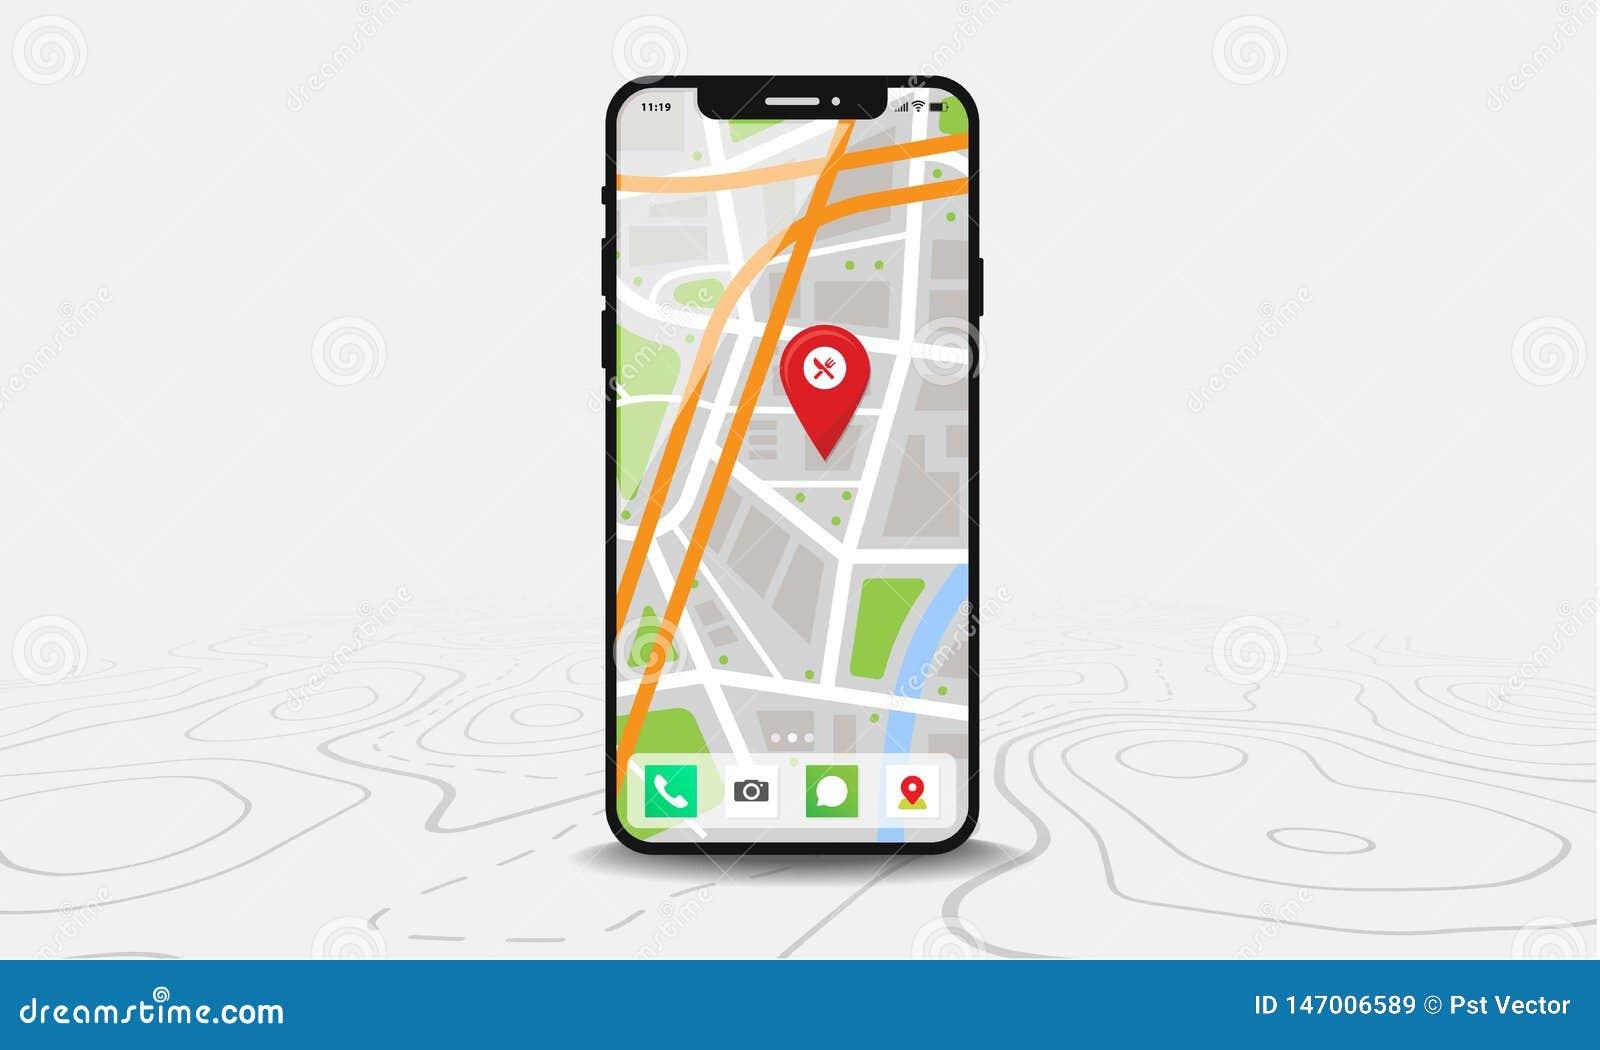 Smartphone met kaart en rood nauwkeurig vastgesteld op het scherm, geïsoleerde online kaartenachtergrond